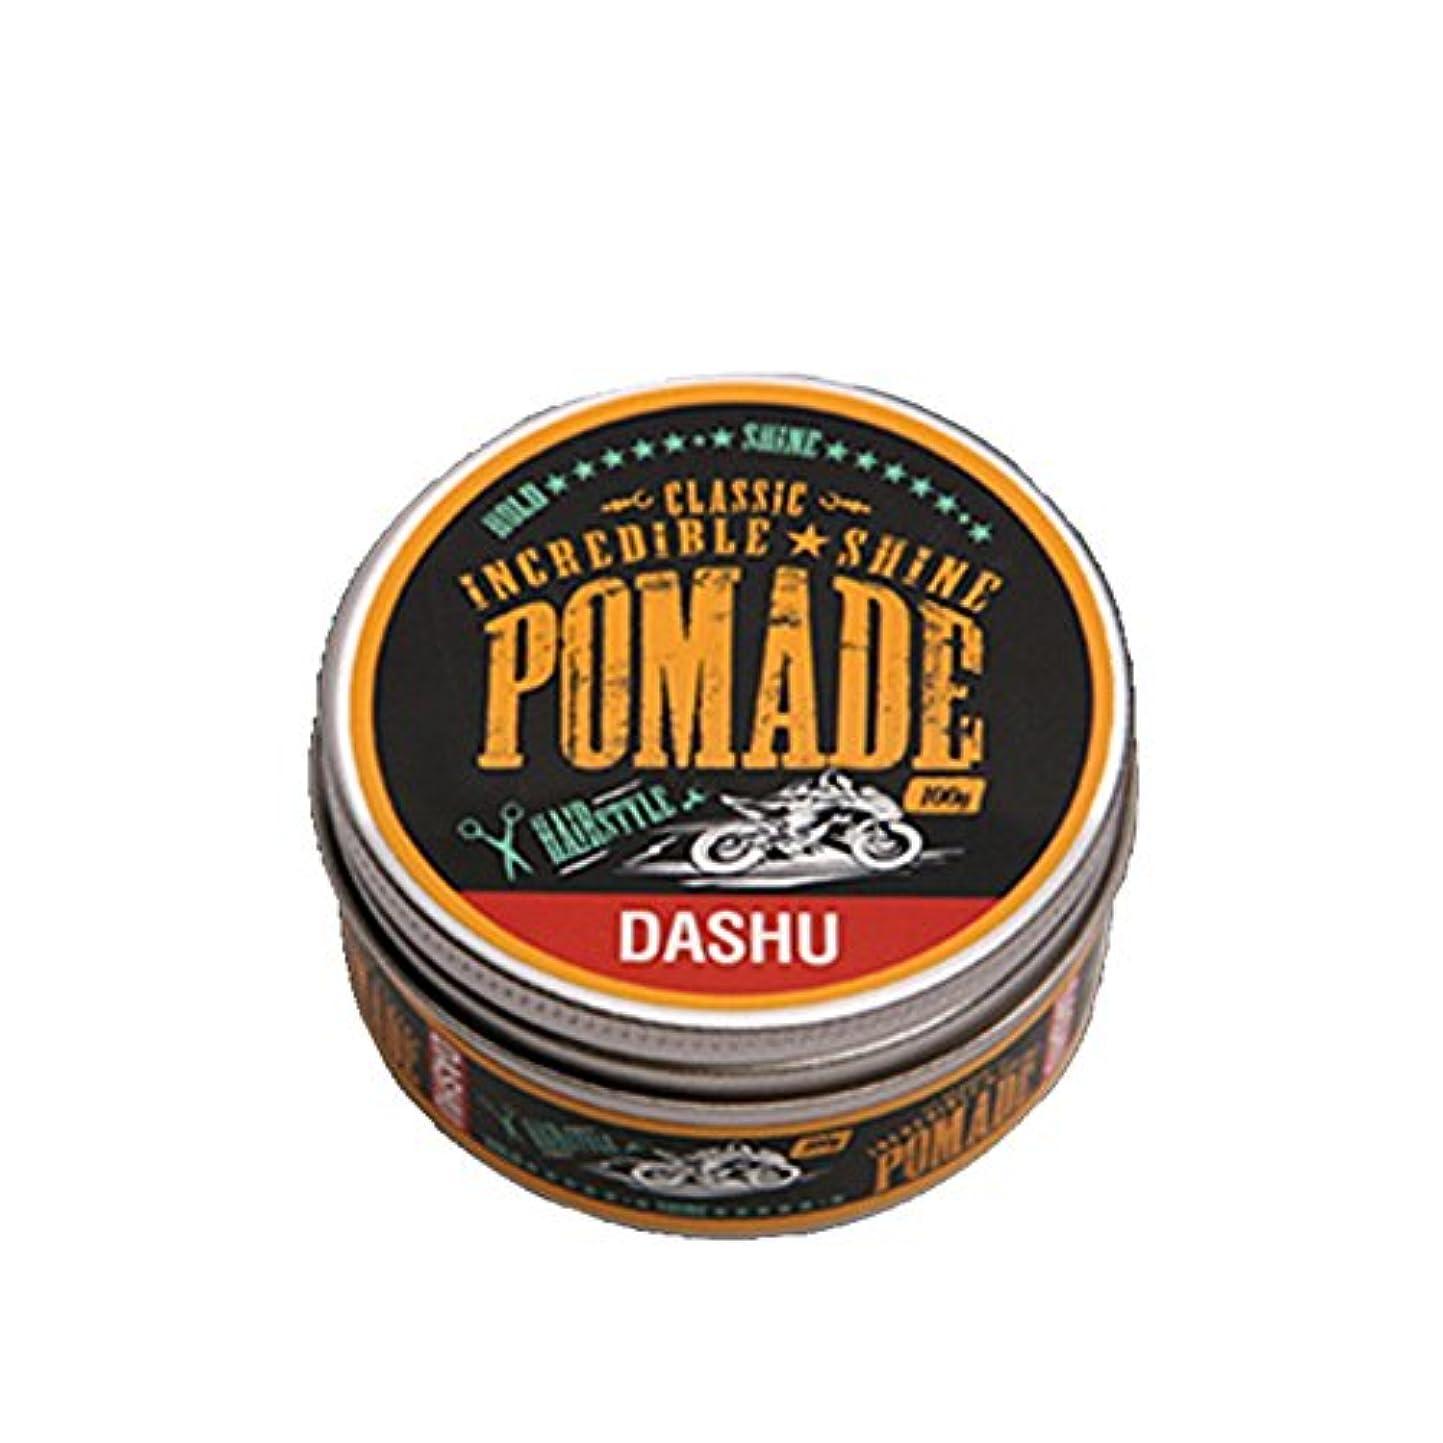 トリクル細心のパット[DASHU] ダシュ クラシック 信じられないほどの輝き ポマードワックス Classic Incredible Shine Pomade Hair Wax 100ml / 韓国製 . 韓国直送品